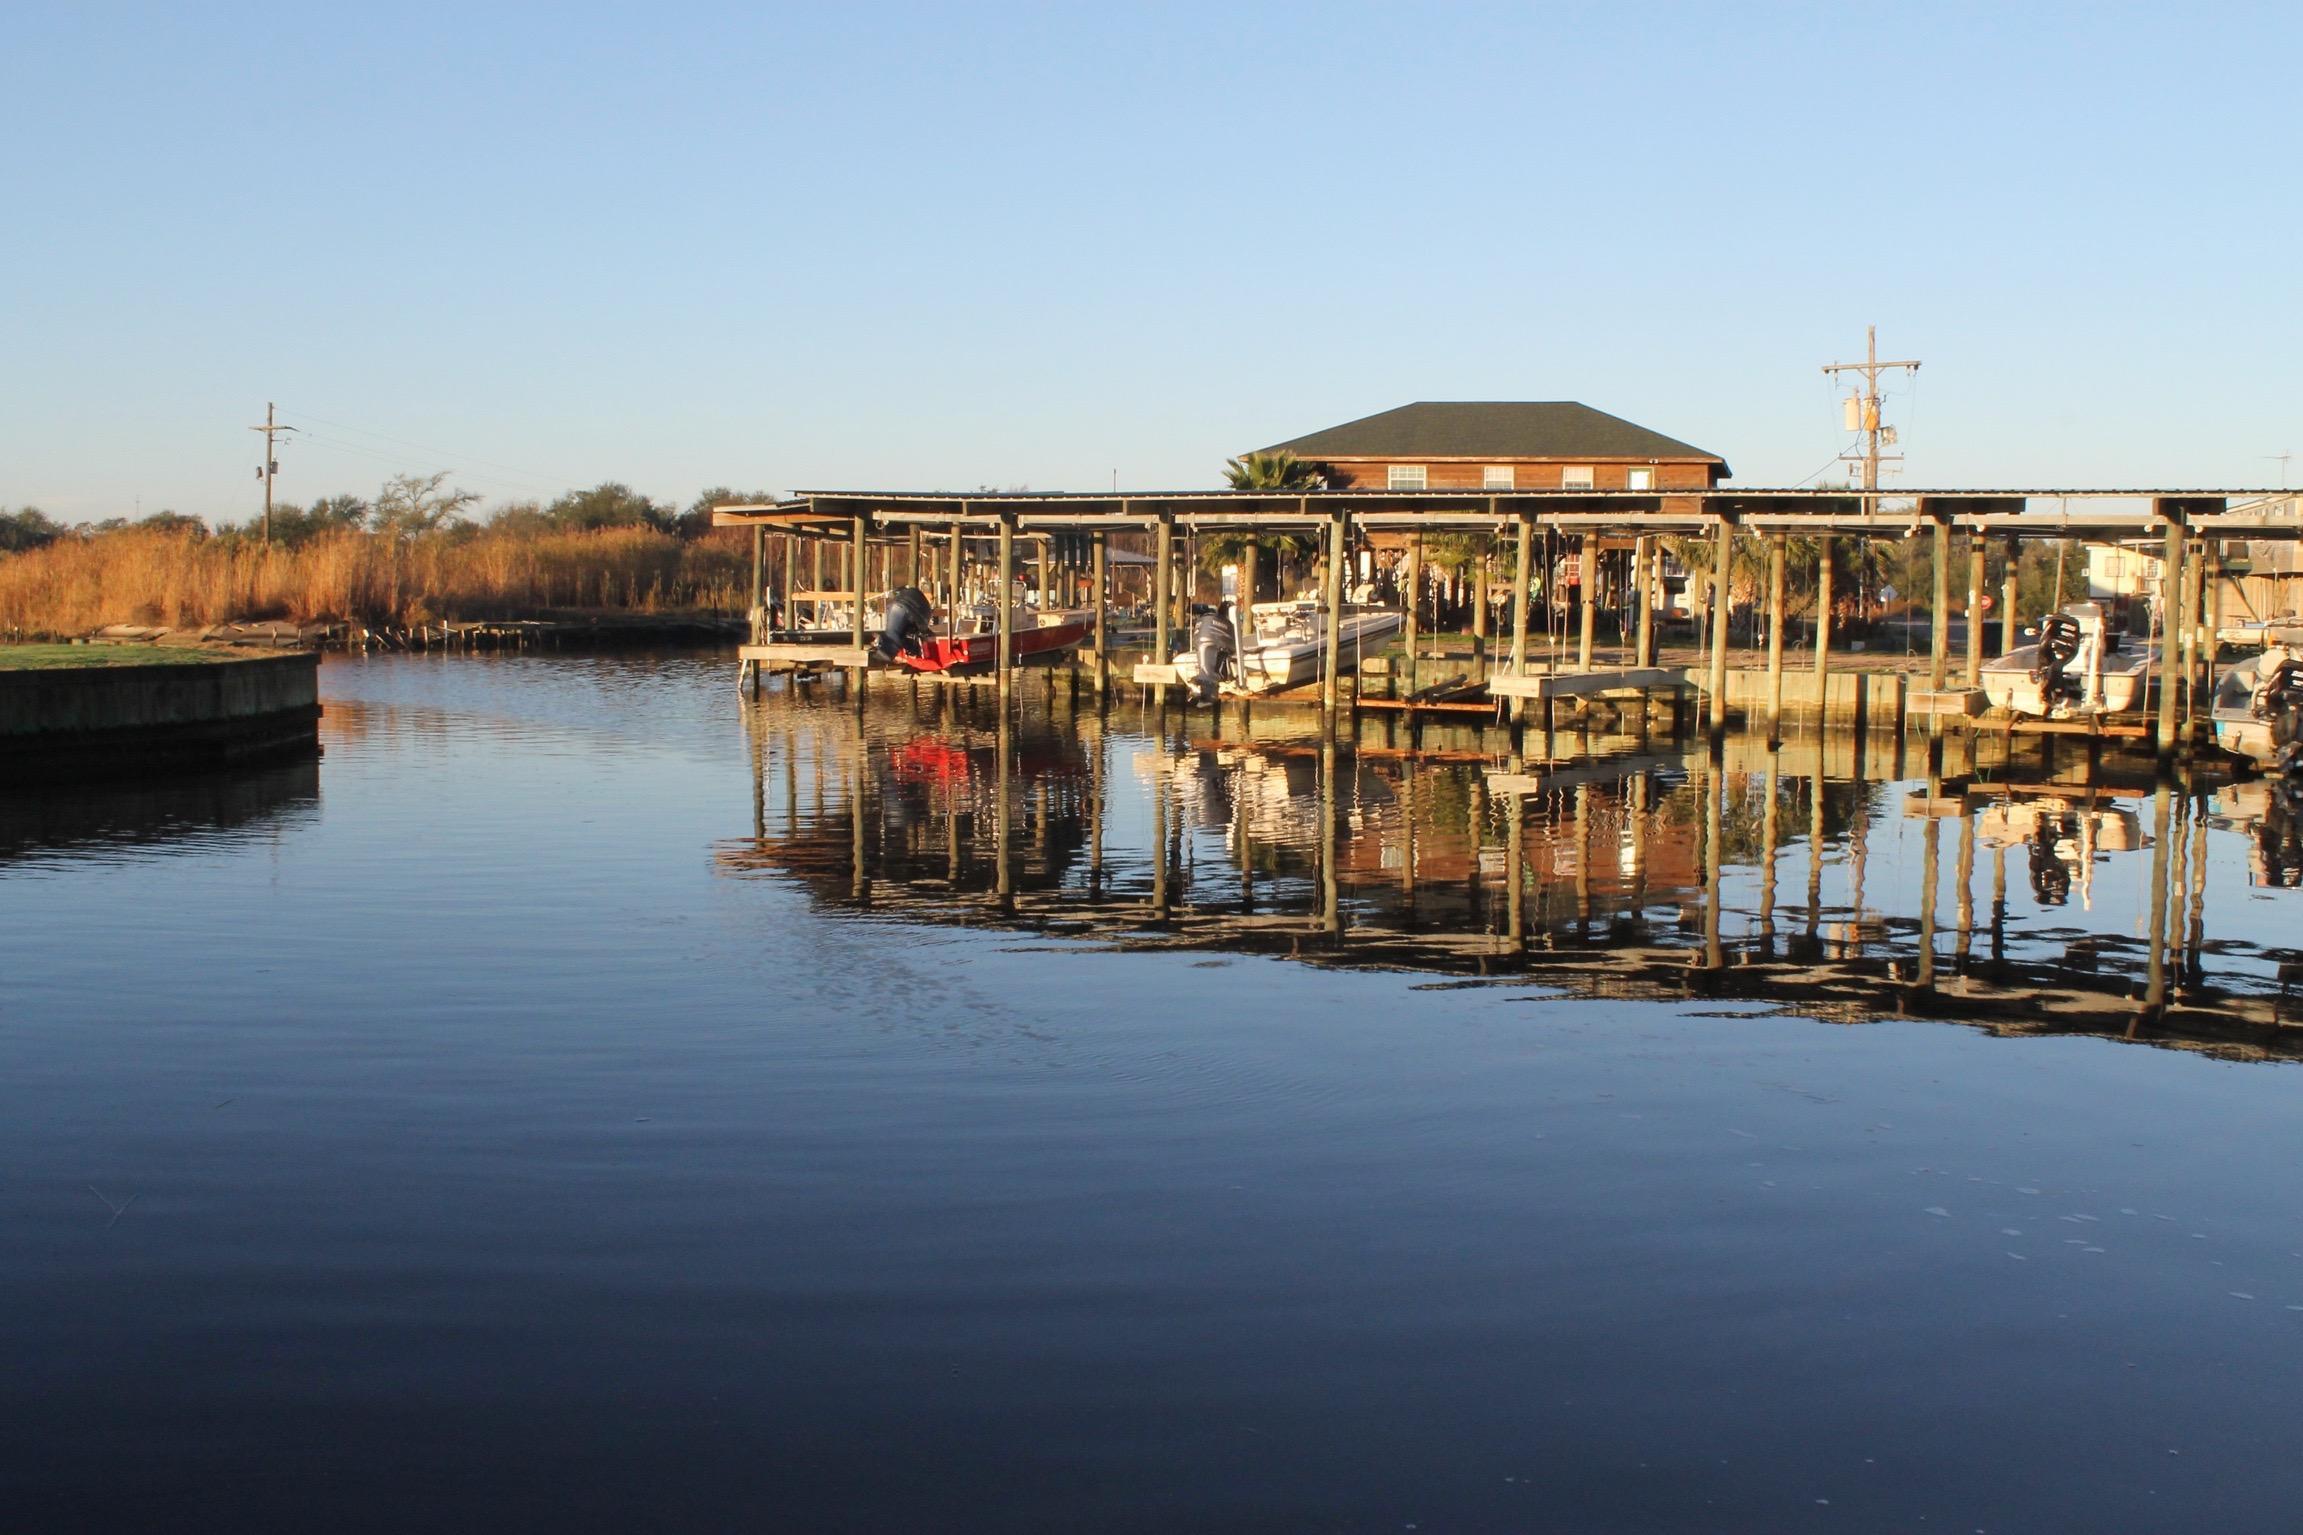 Hackberry fishing camp marina in hackberry la 70645 for Hackberry la fishing